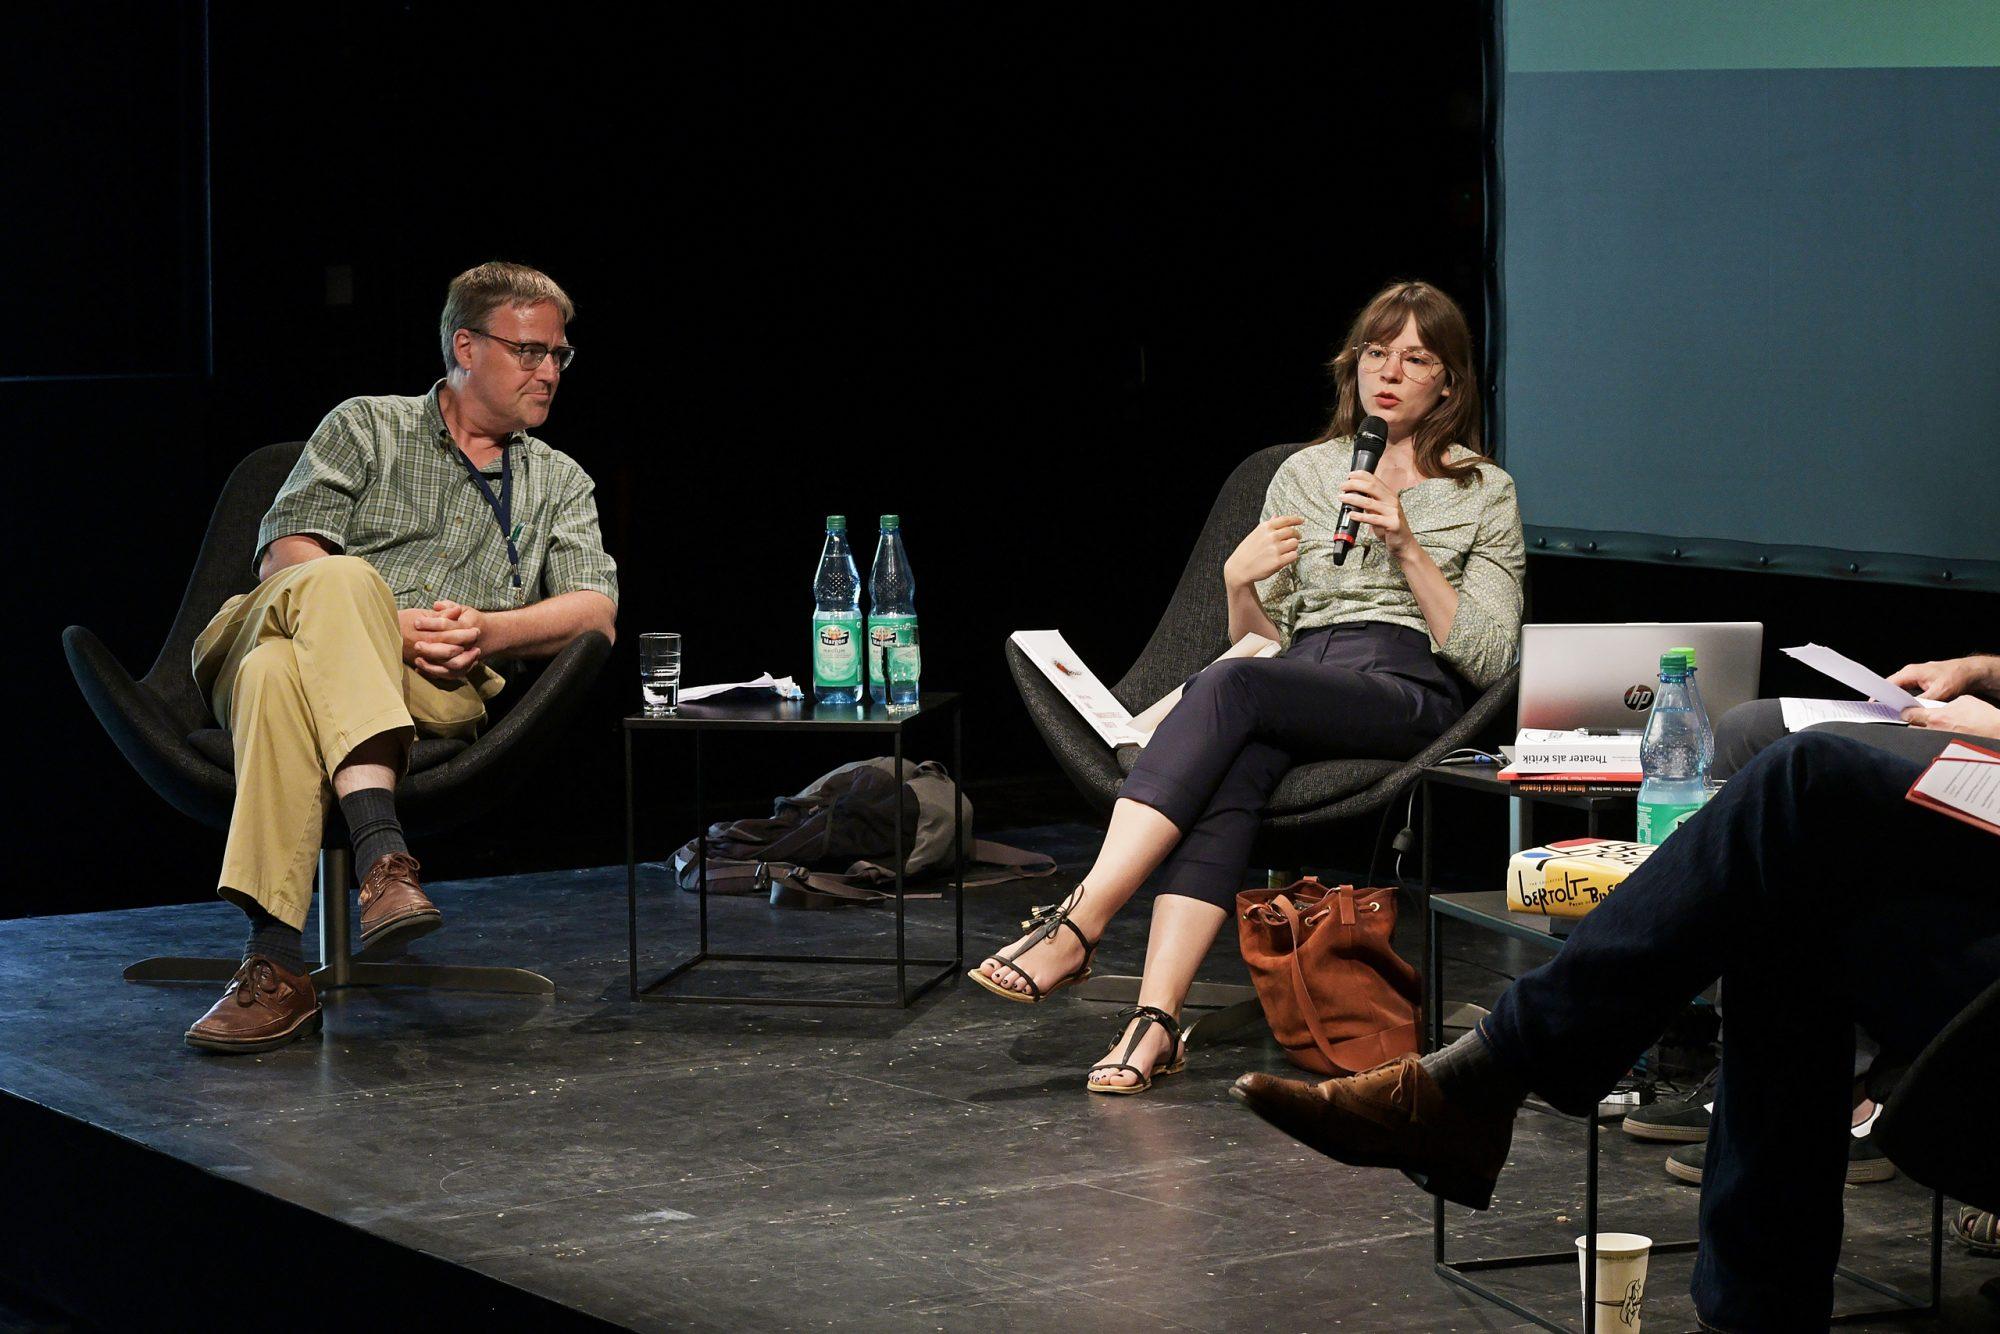 Stephen Brockman und Jeanne Bindernagel im Gespräch. © CCT/Daniel Herold